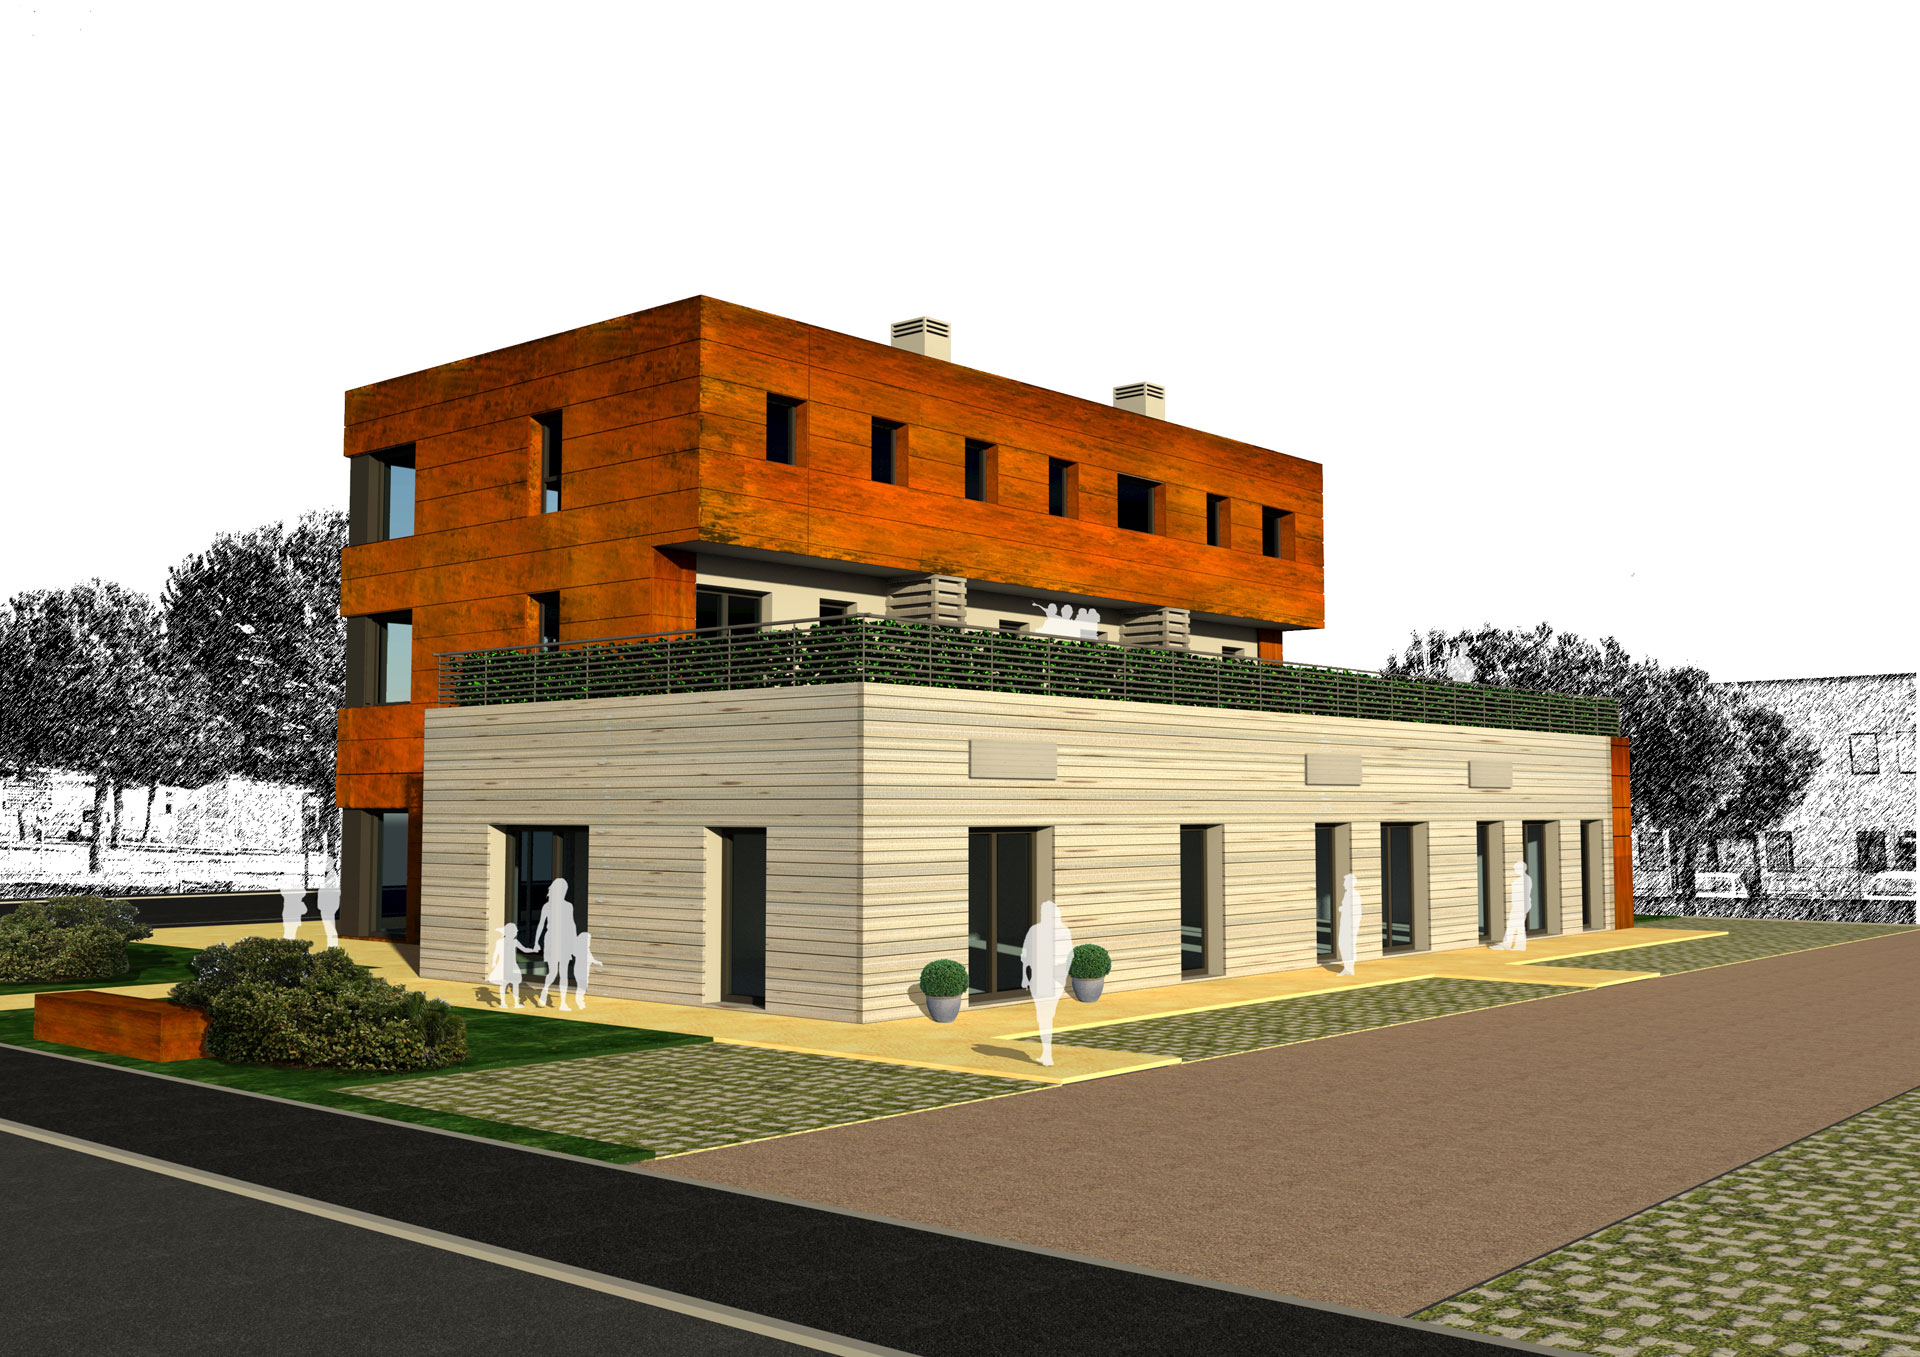 Edificio di nuova costruzione Pieve al Toppo KORTEN